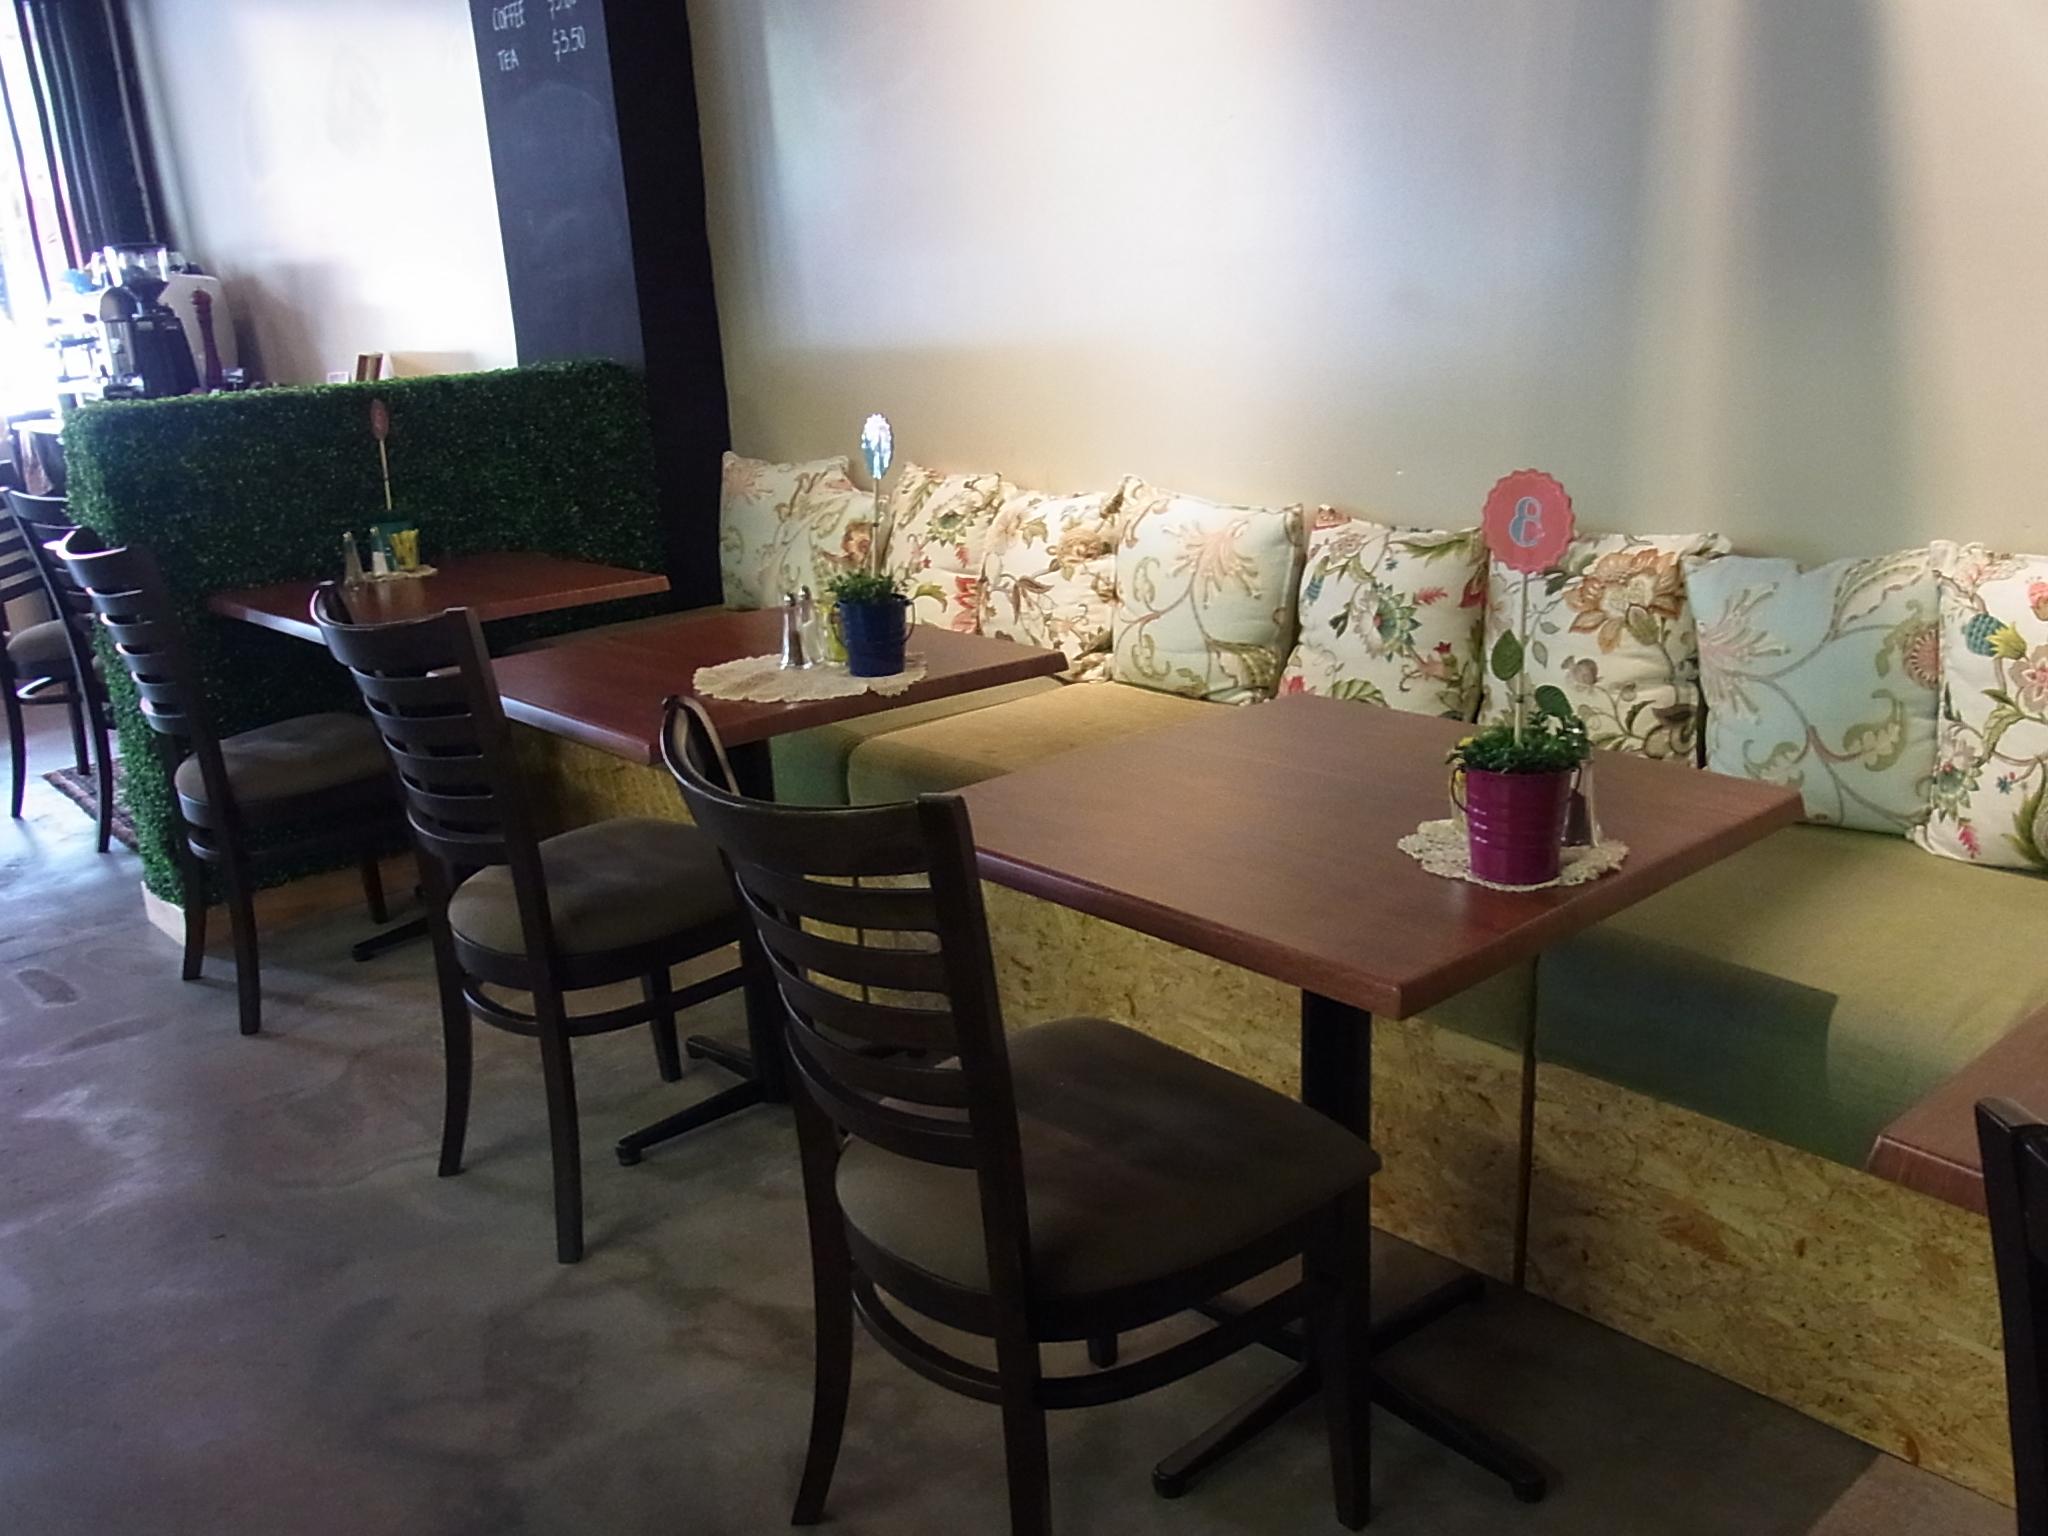 <p>ベンチ席はふかふかのクッションつきで、思わずおしゃべりに花が咲いちゃいますね。 ひとりでも行きやすい雰囲気です。</p>